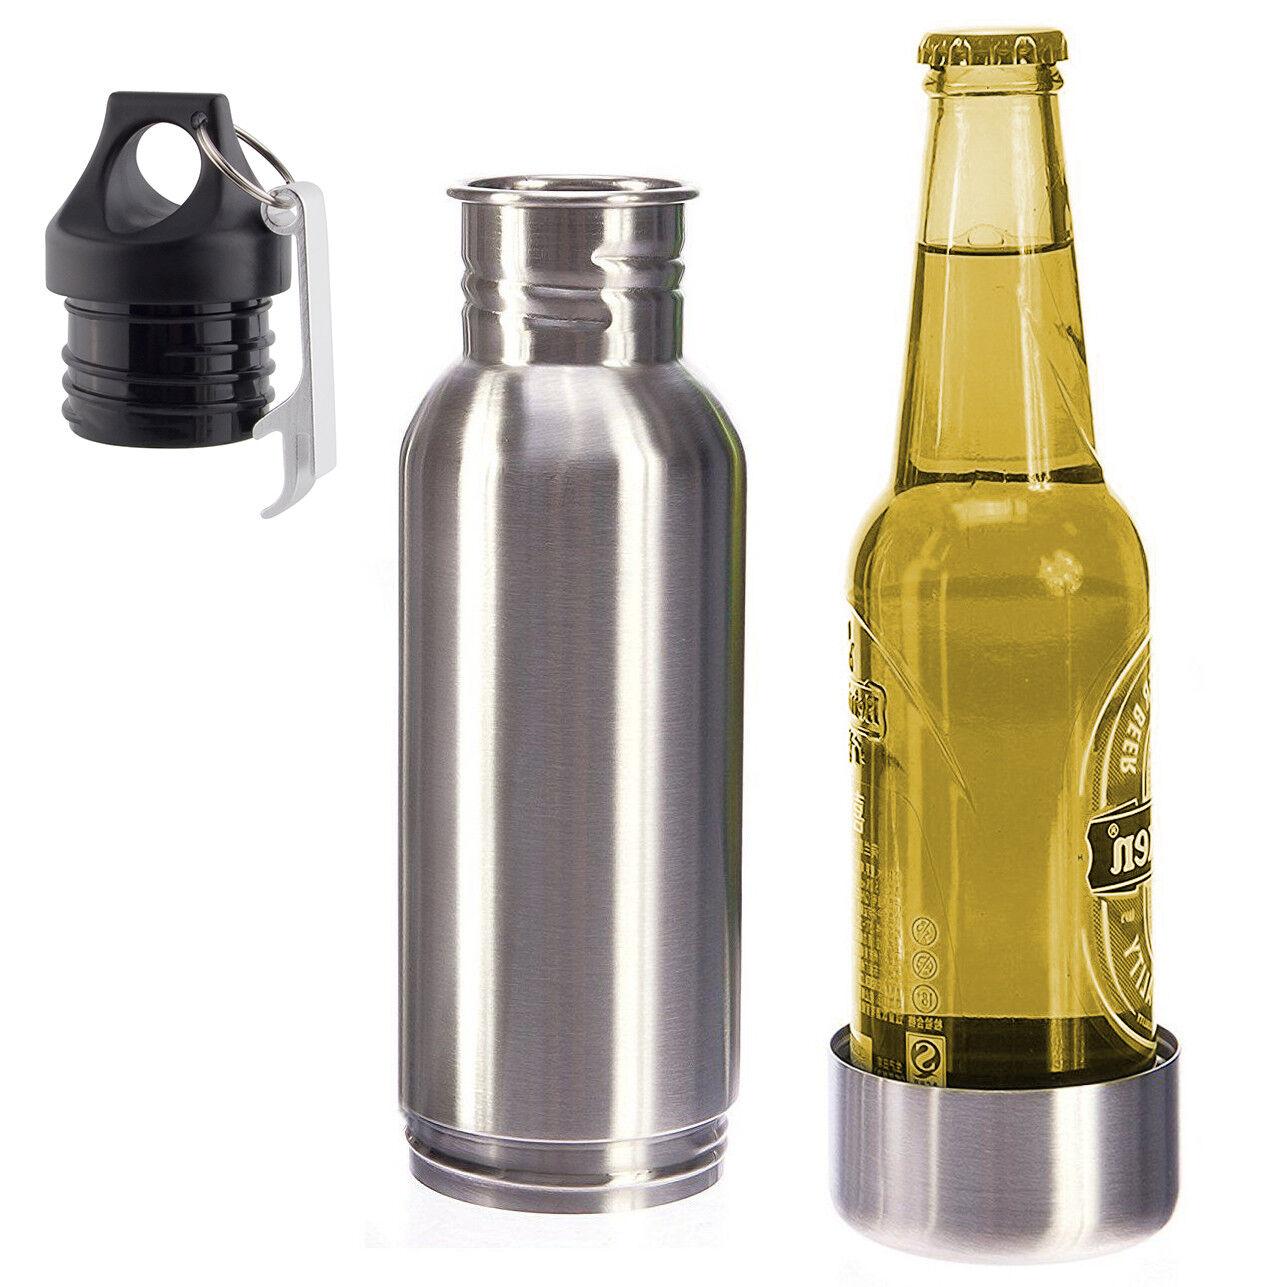 12oz Stainless Steel Beer Bottle Koozie Cooler Cold Beer Kee